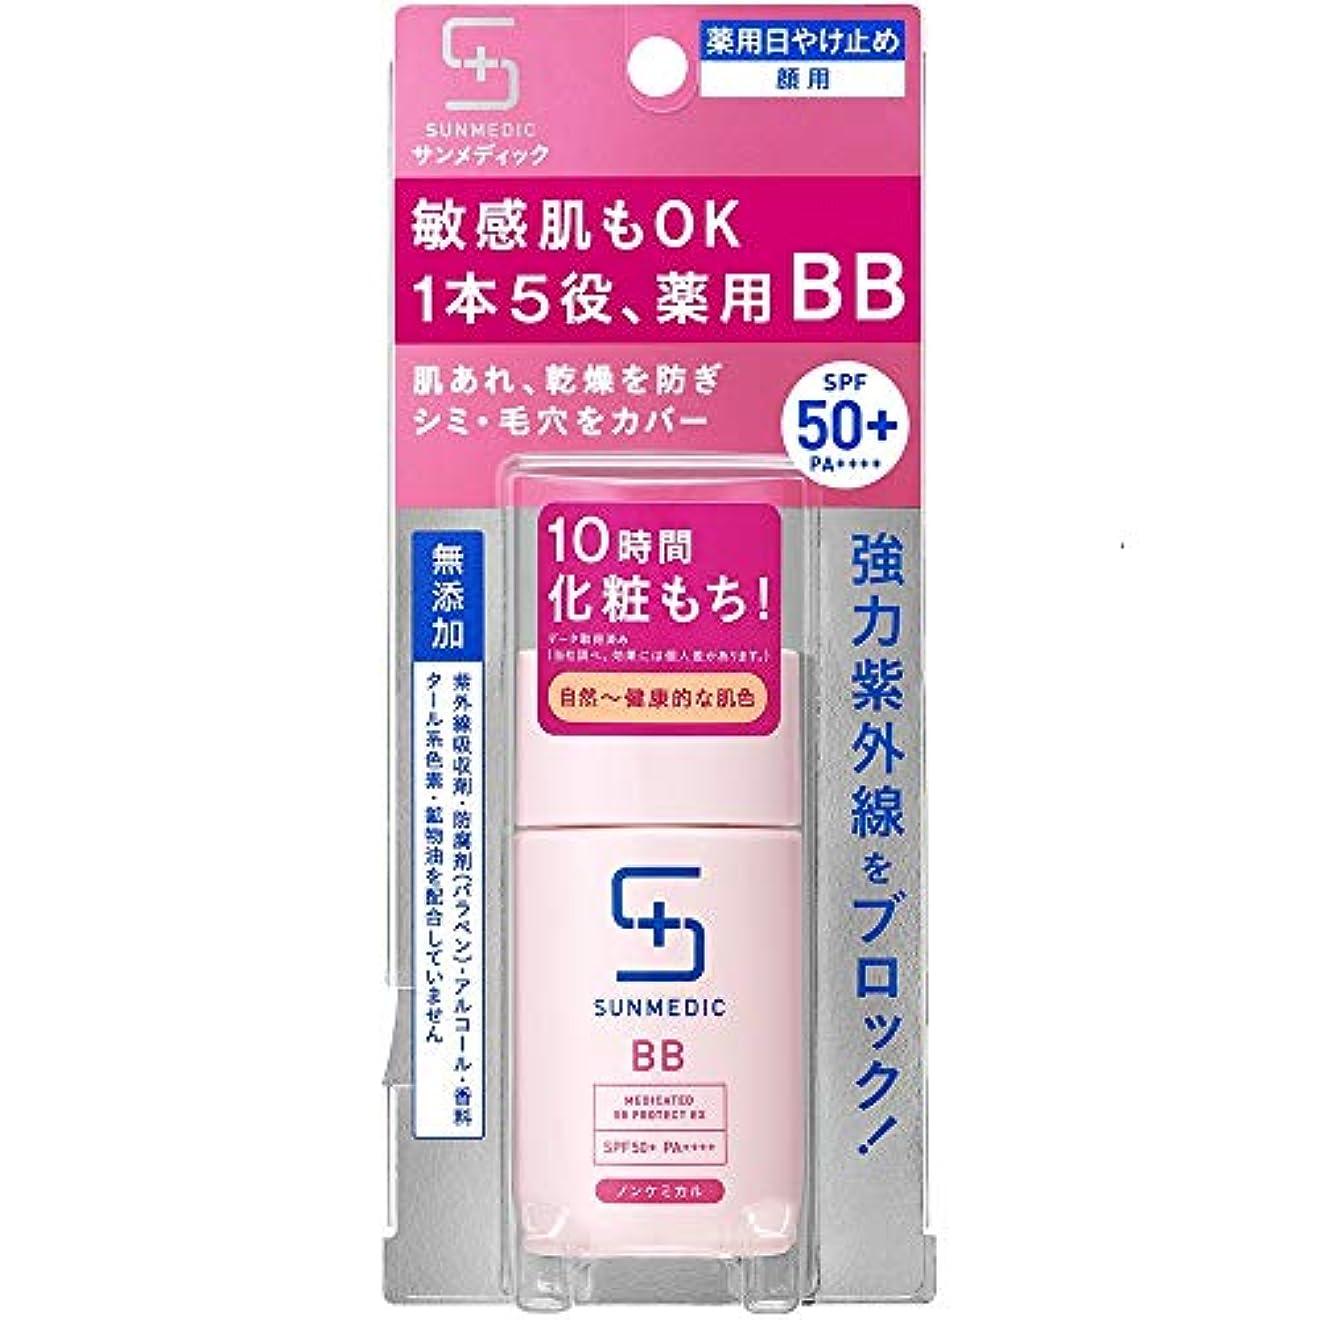 住所非常に癌サンメディックUV 薬用BBプロテクトEX ナチュラル 30ml (医薬部外品)